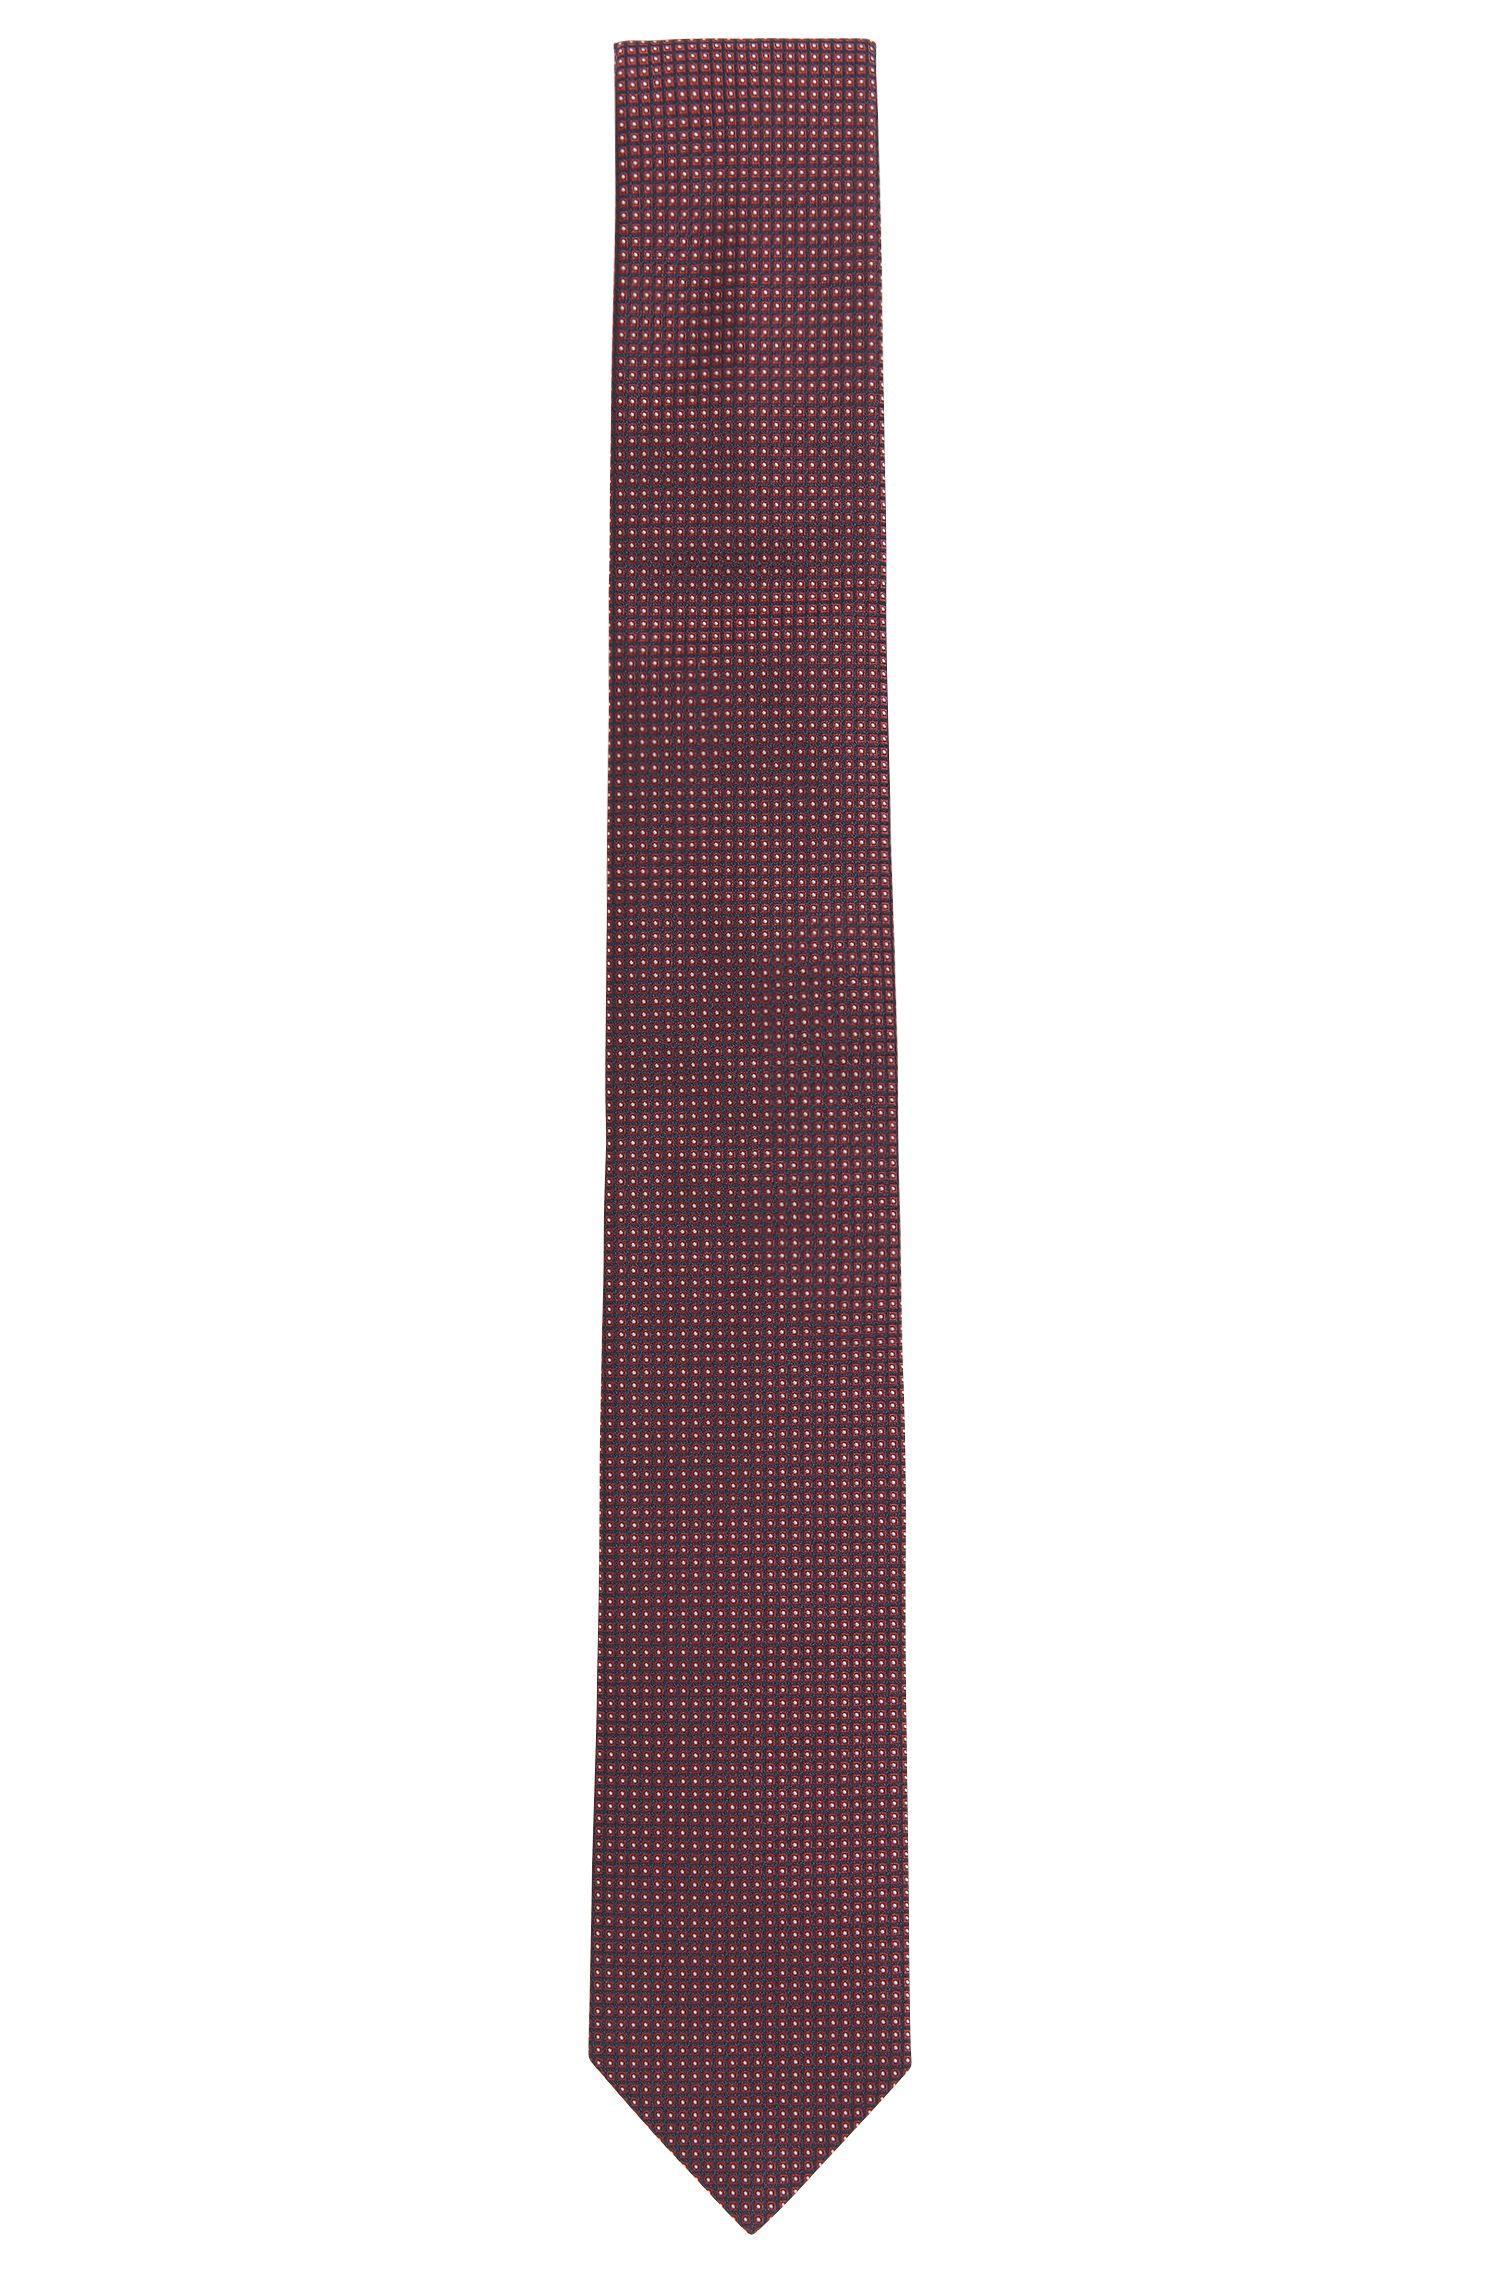 Cravatta con motivo a quadretti in pregiata seta jacquard